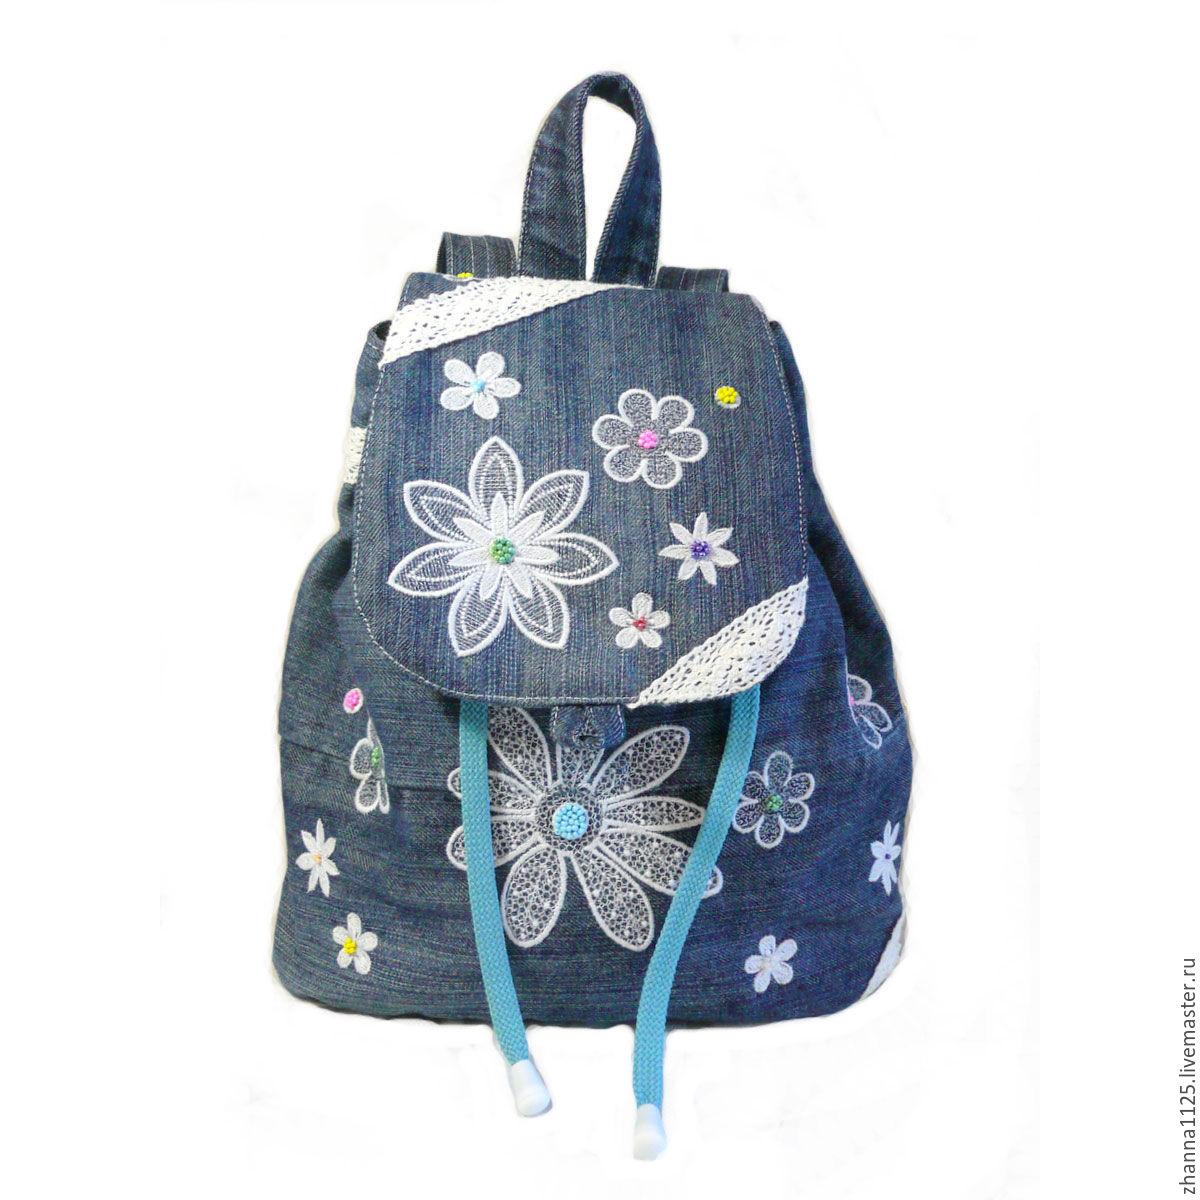 Джинсовые рюкзак для девочки с вышивкой husky рюкзаки